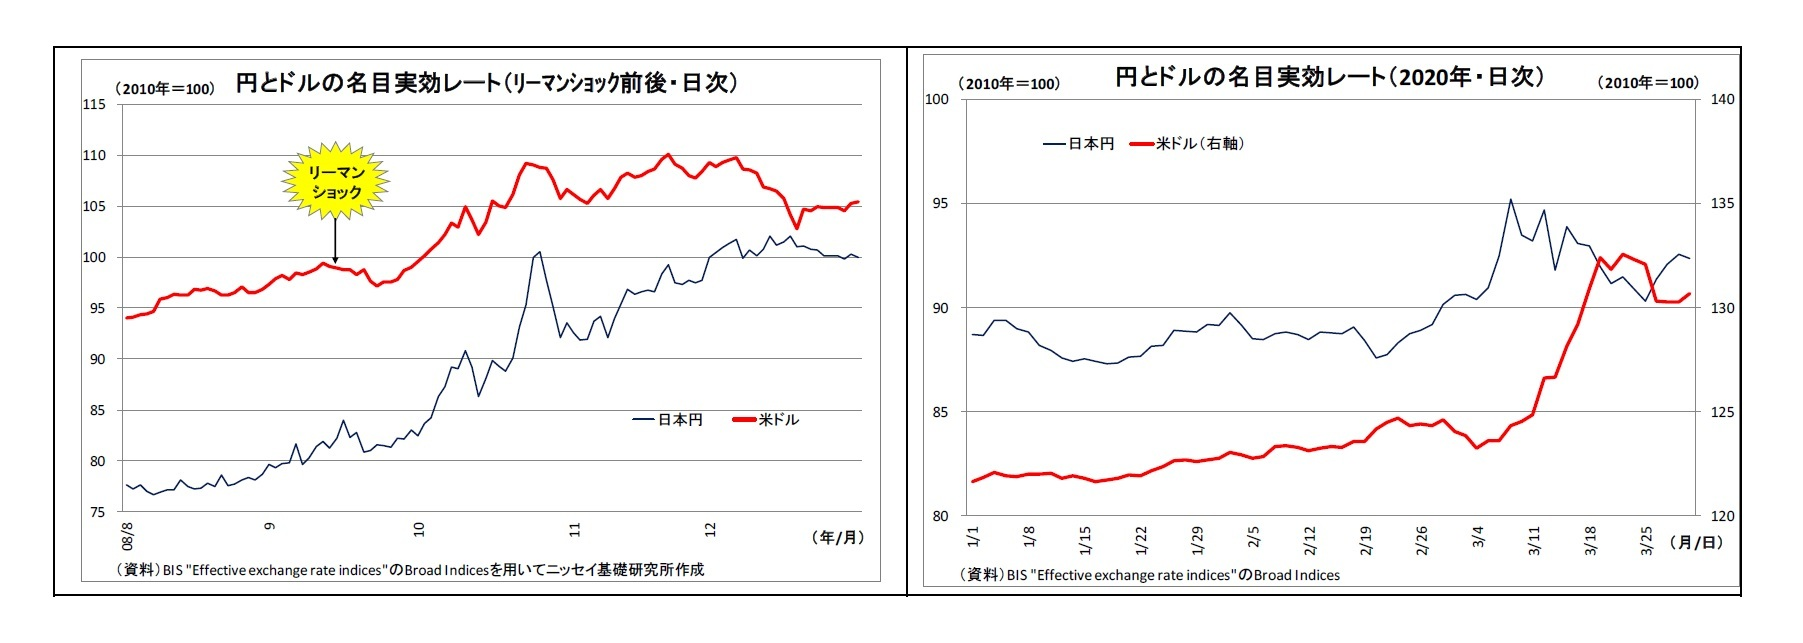 円 為替 ドル レート